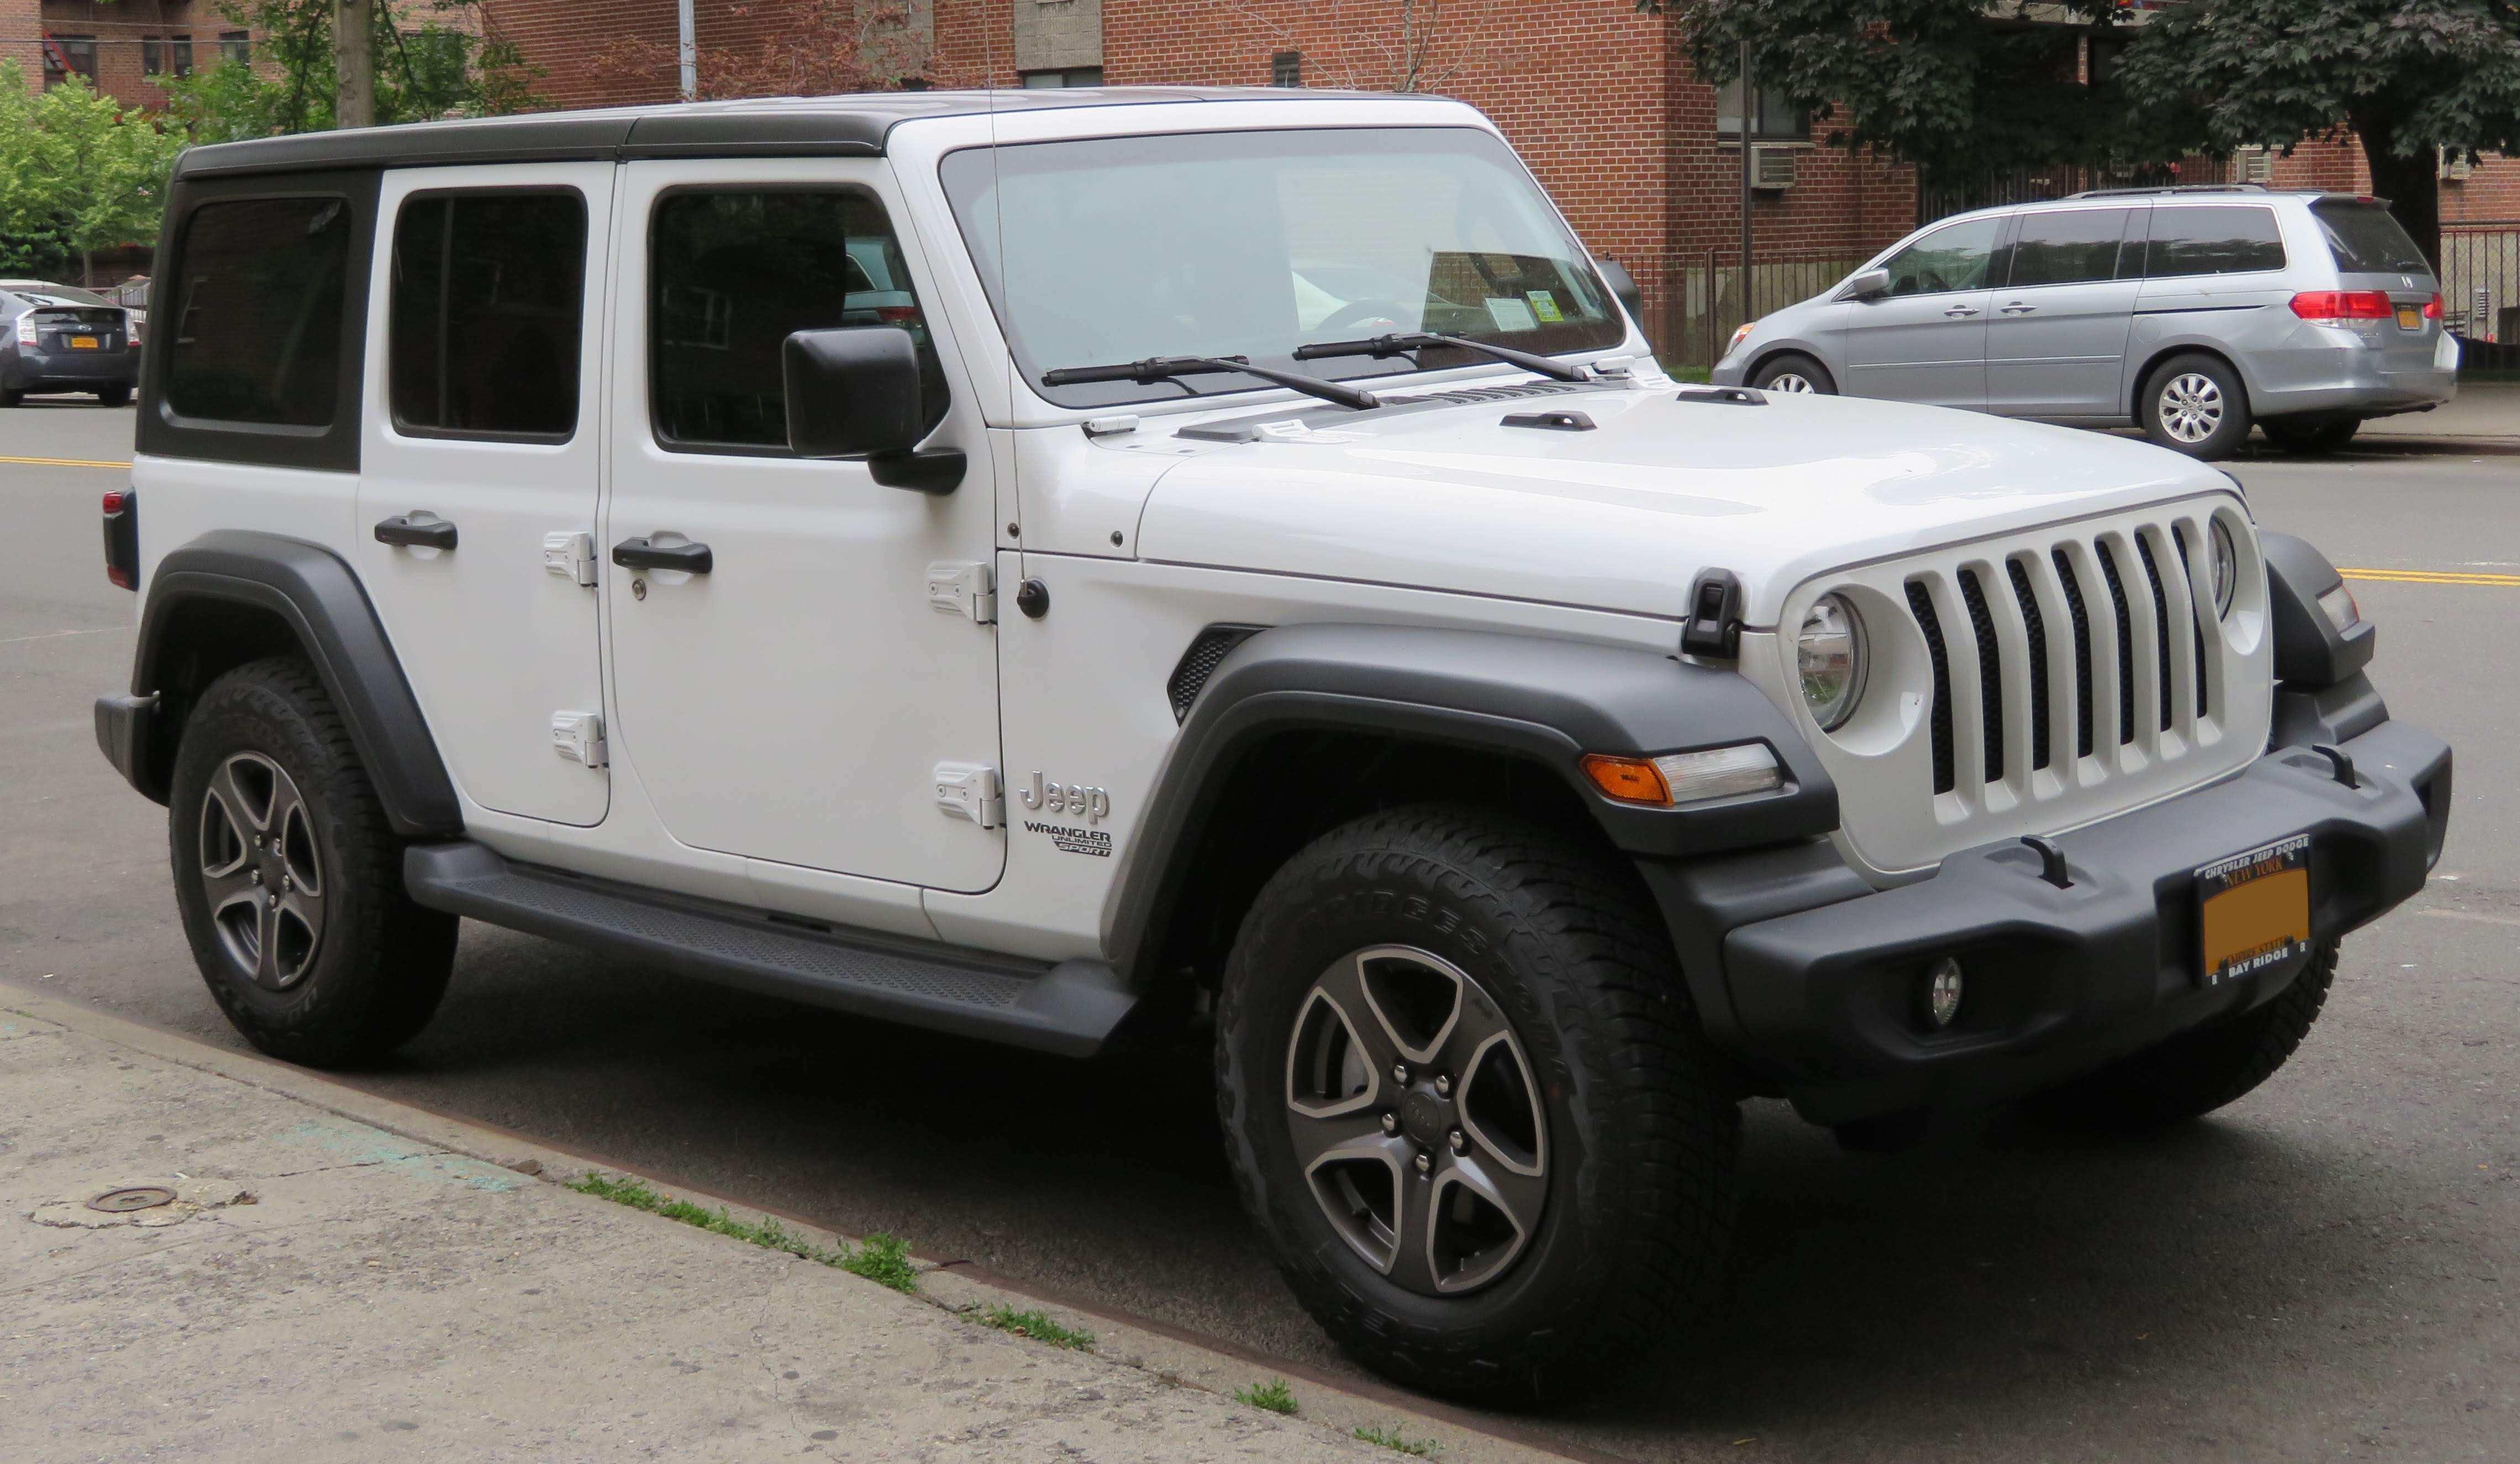 17 New 2019 Jeep Wrangler Jl Model for 2019 Jeep Wrangler Jl